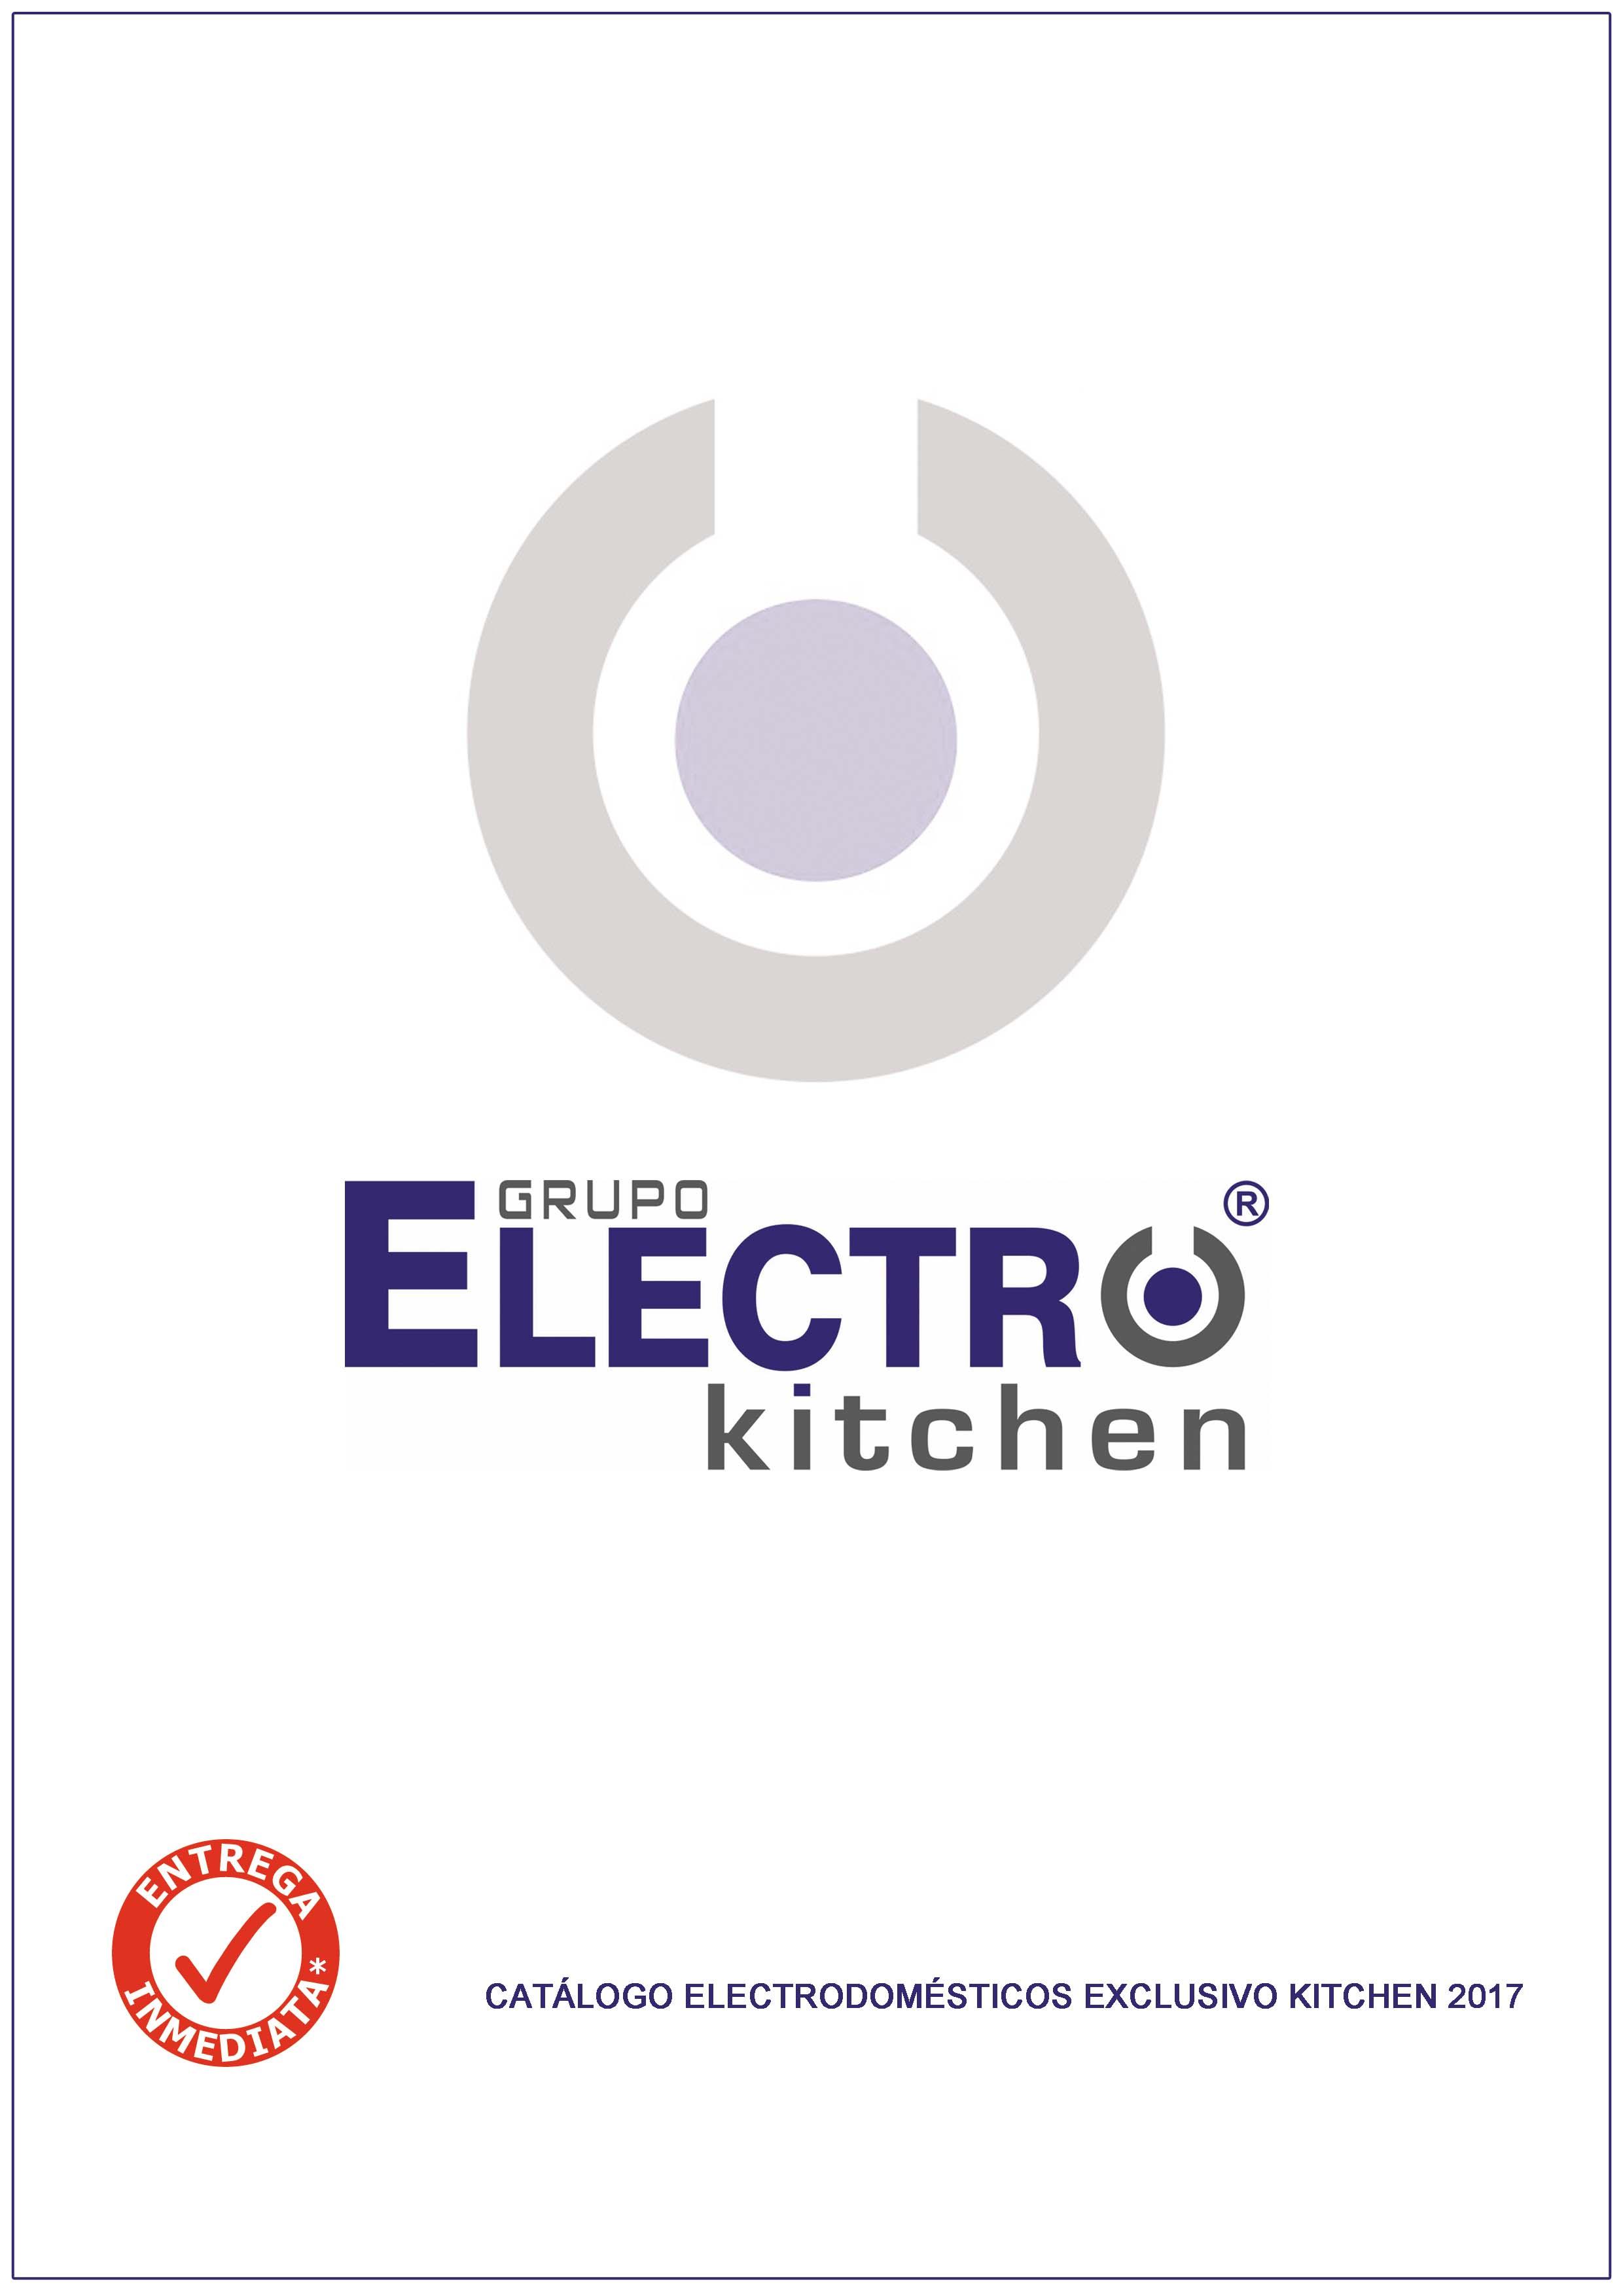 Electockitchen Catálogo Selección de Electrodomésticos